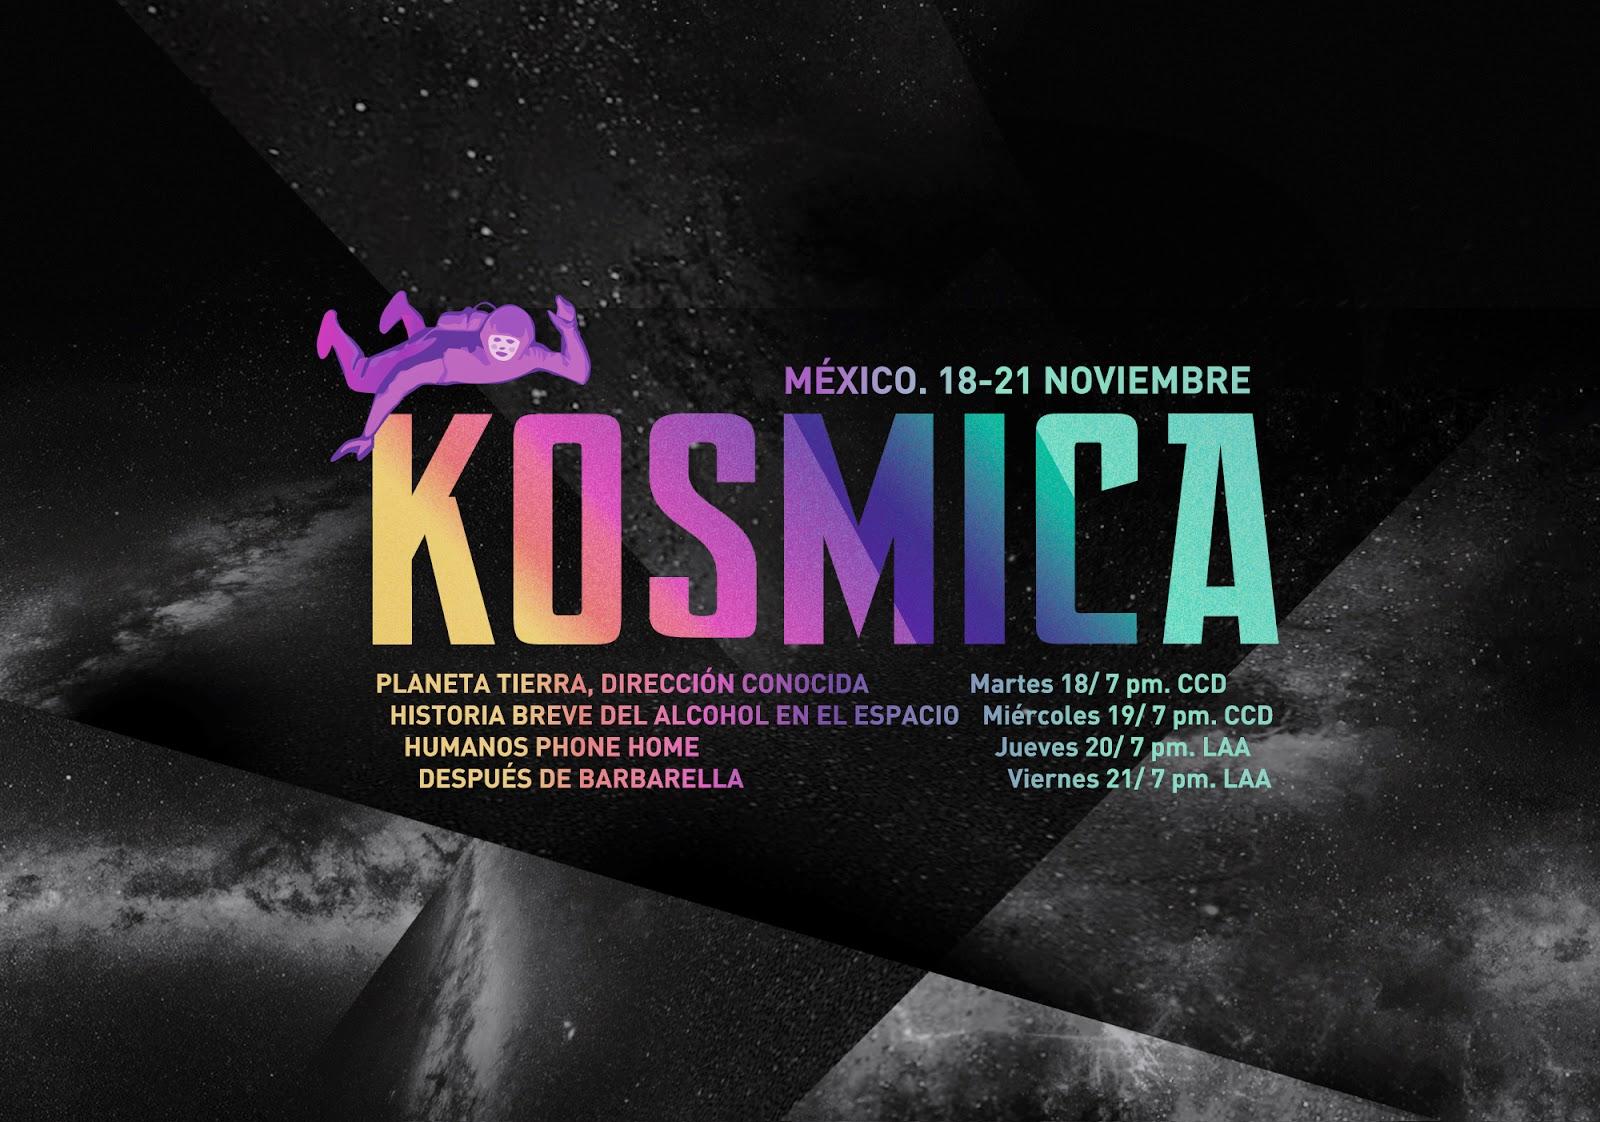 Festival de Arte y Cultura Espacial KOSMICA México 2014